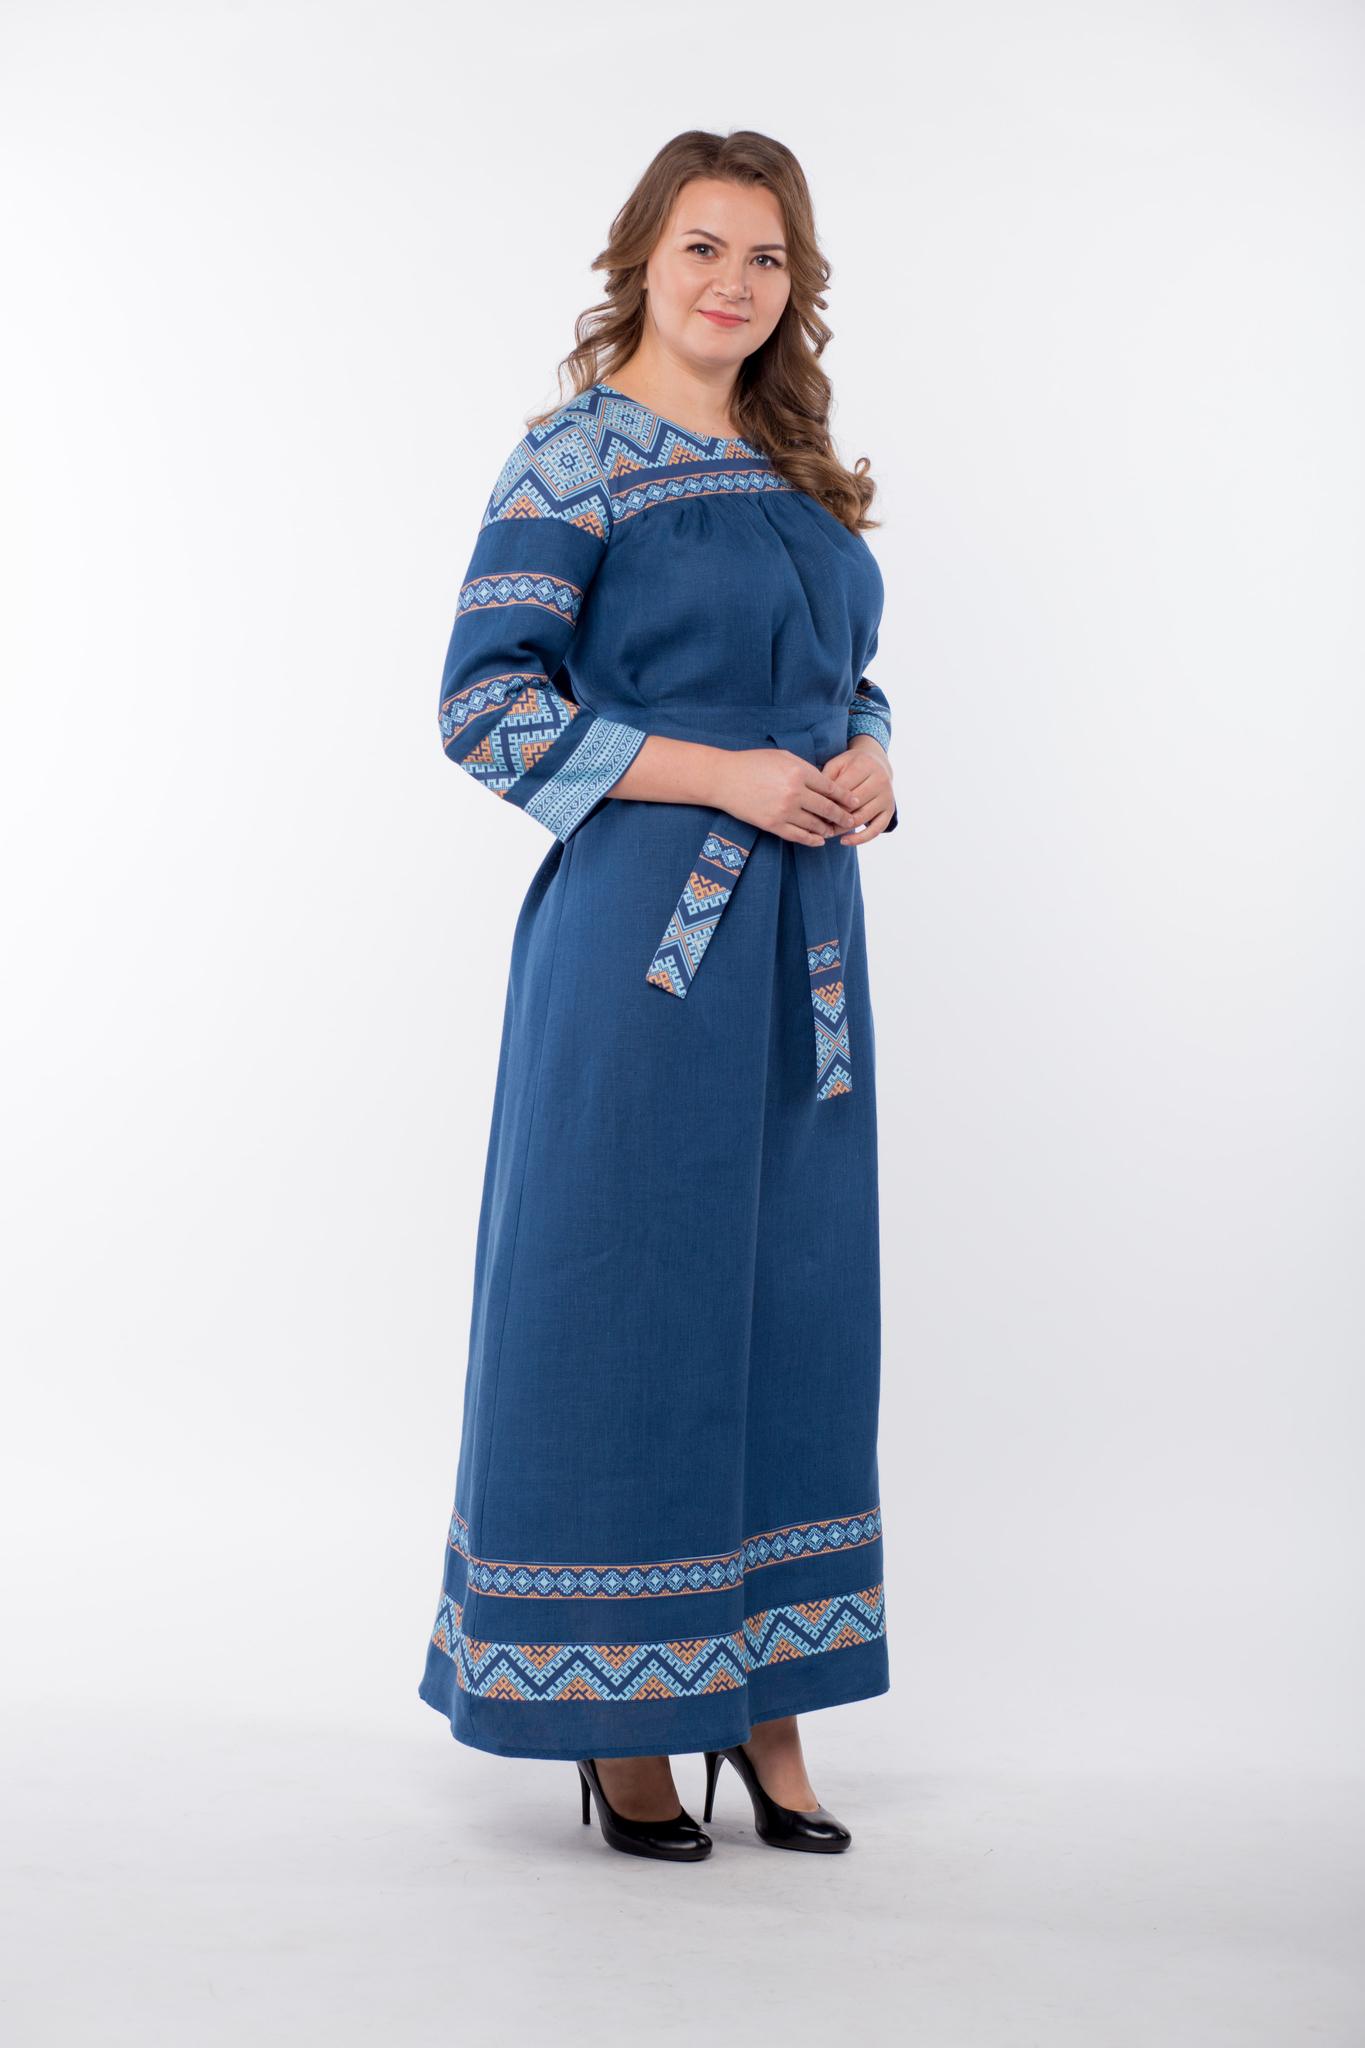 Платье льняное Каспийское купить